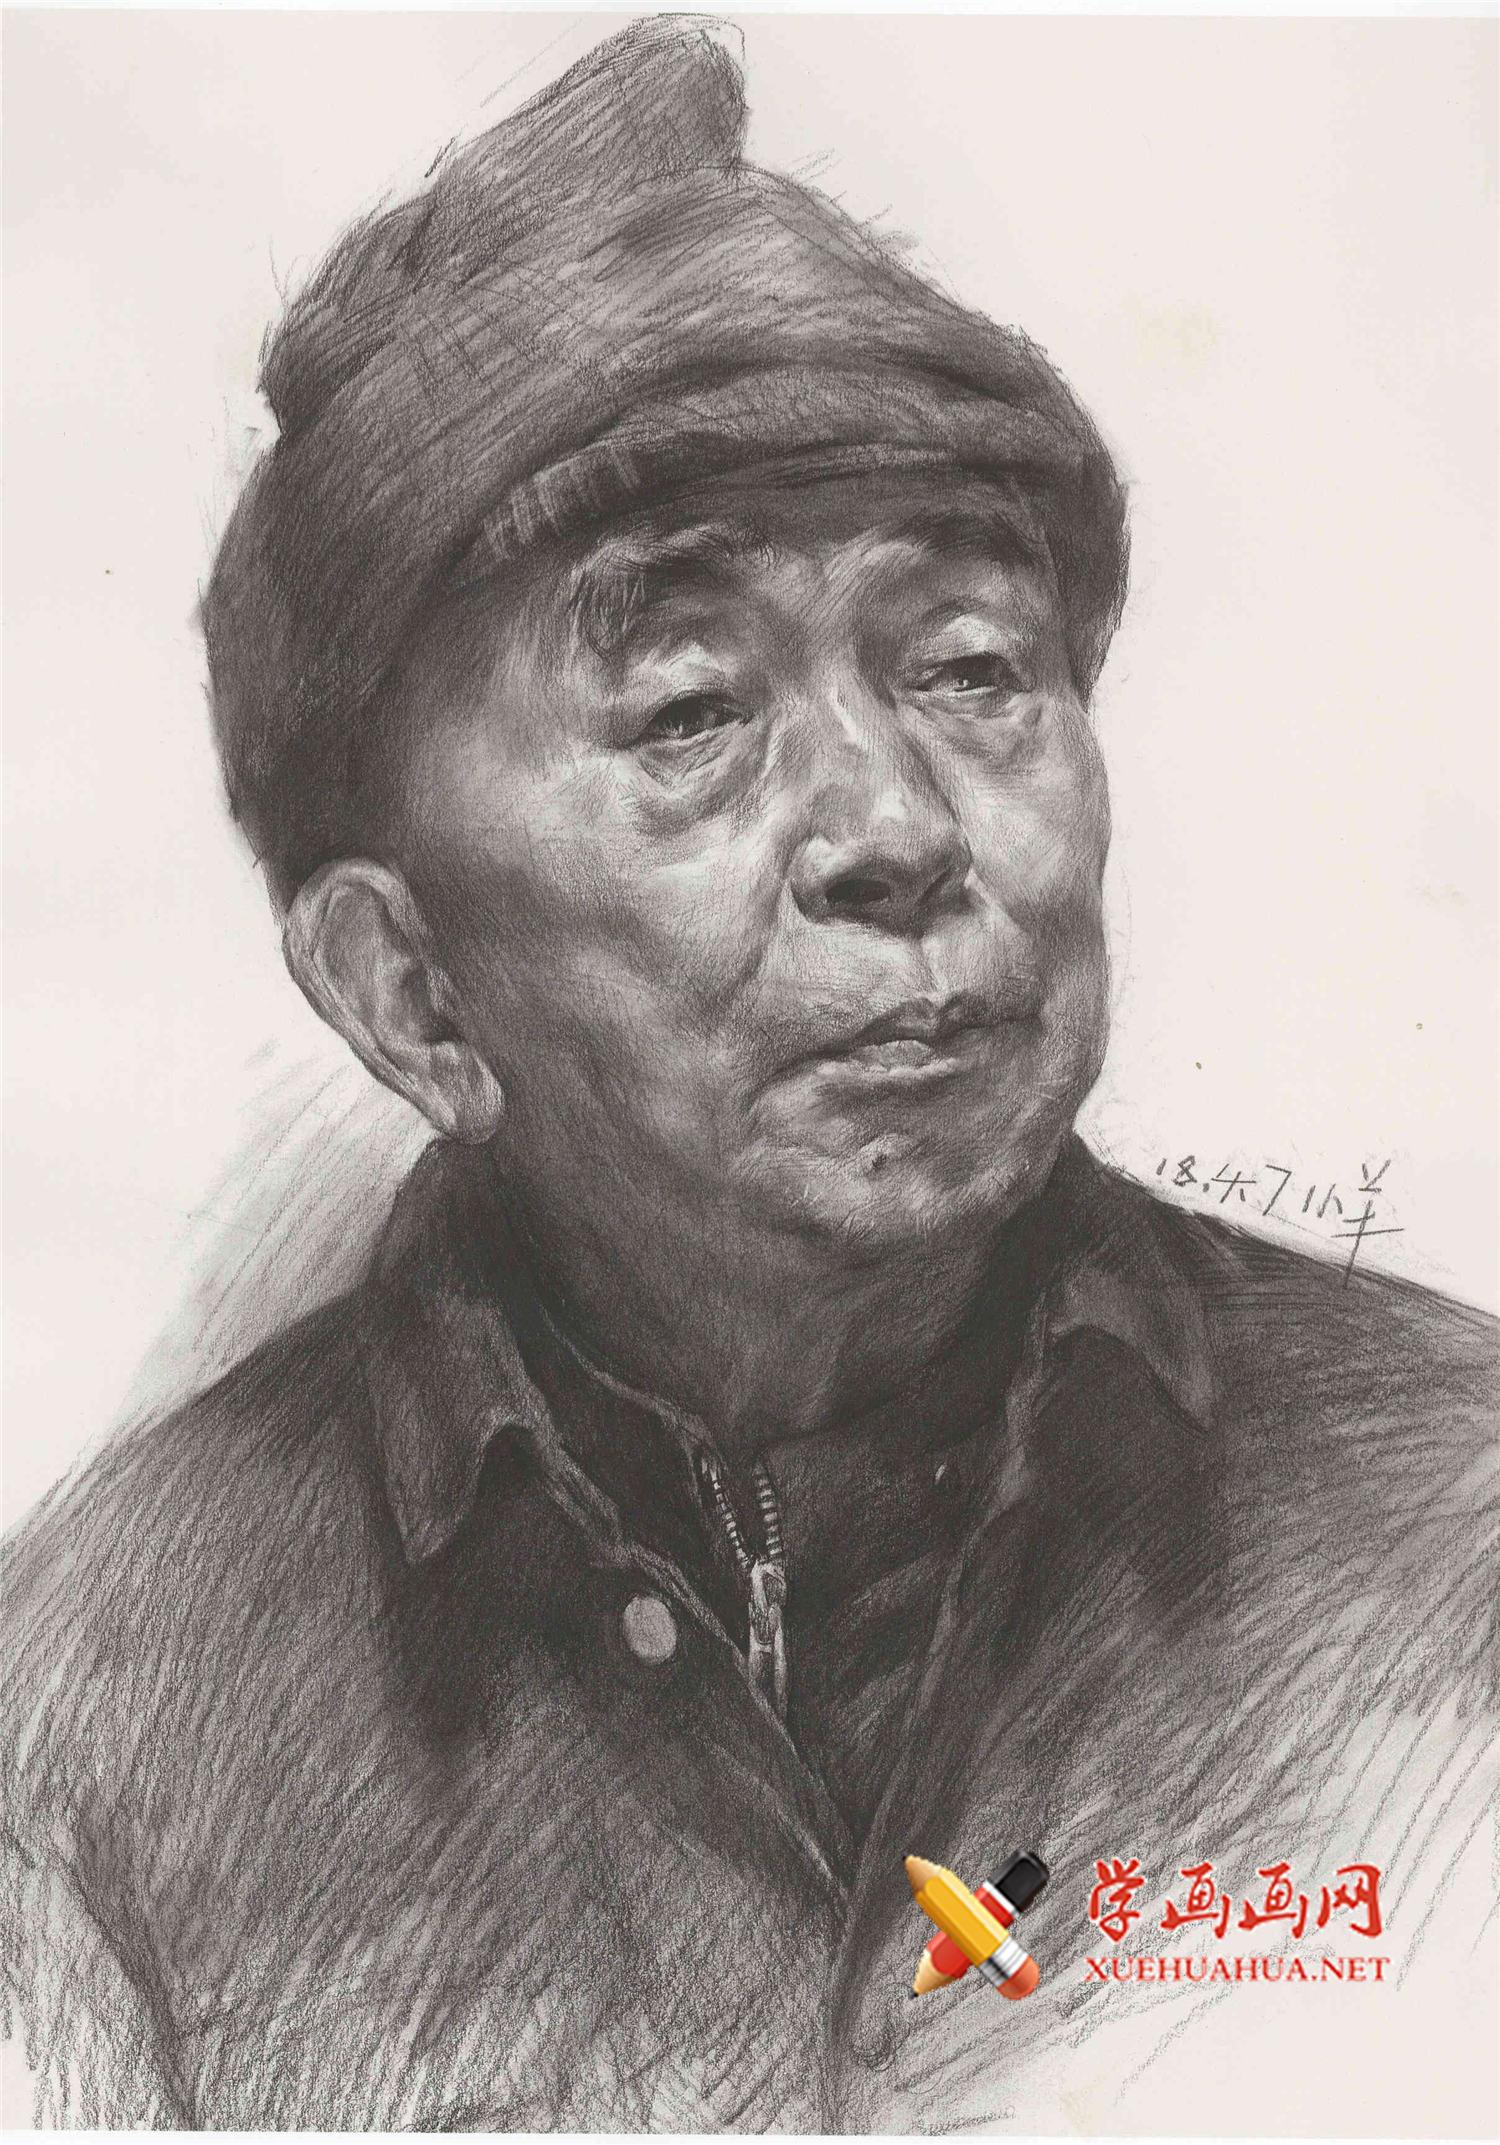 戴帽子的老年人素描头像画法临摹范画高清图片(1)